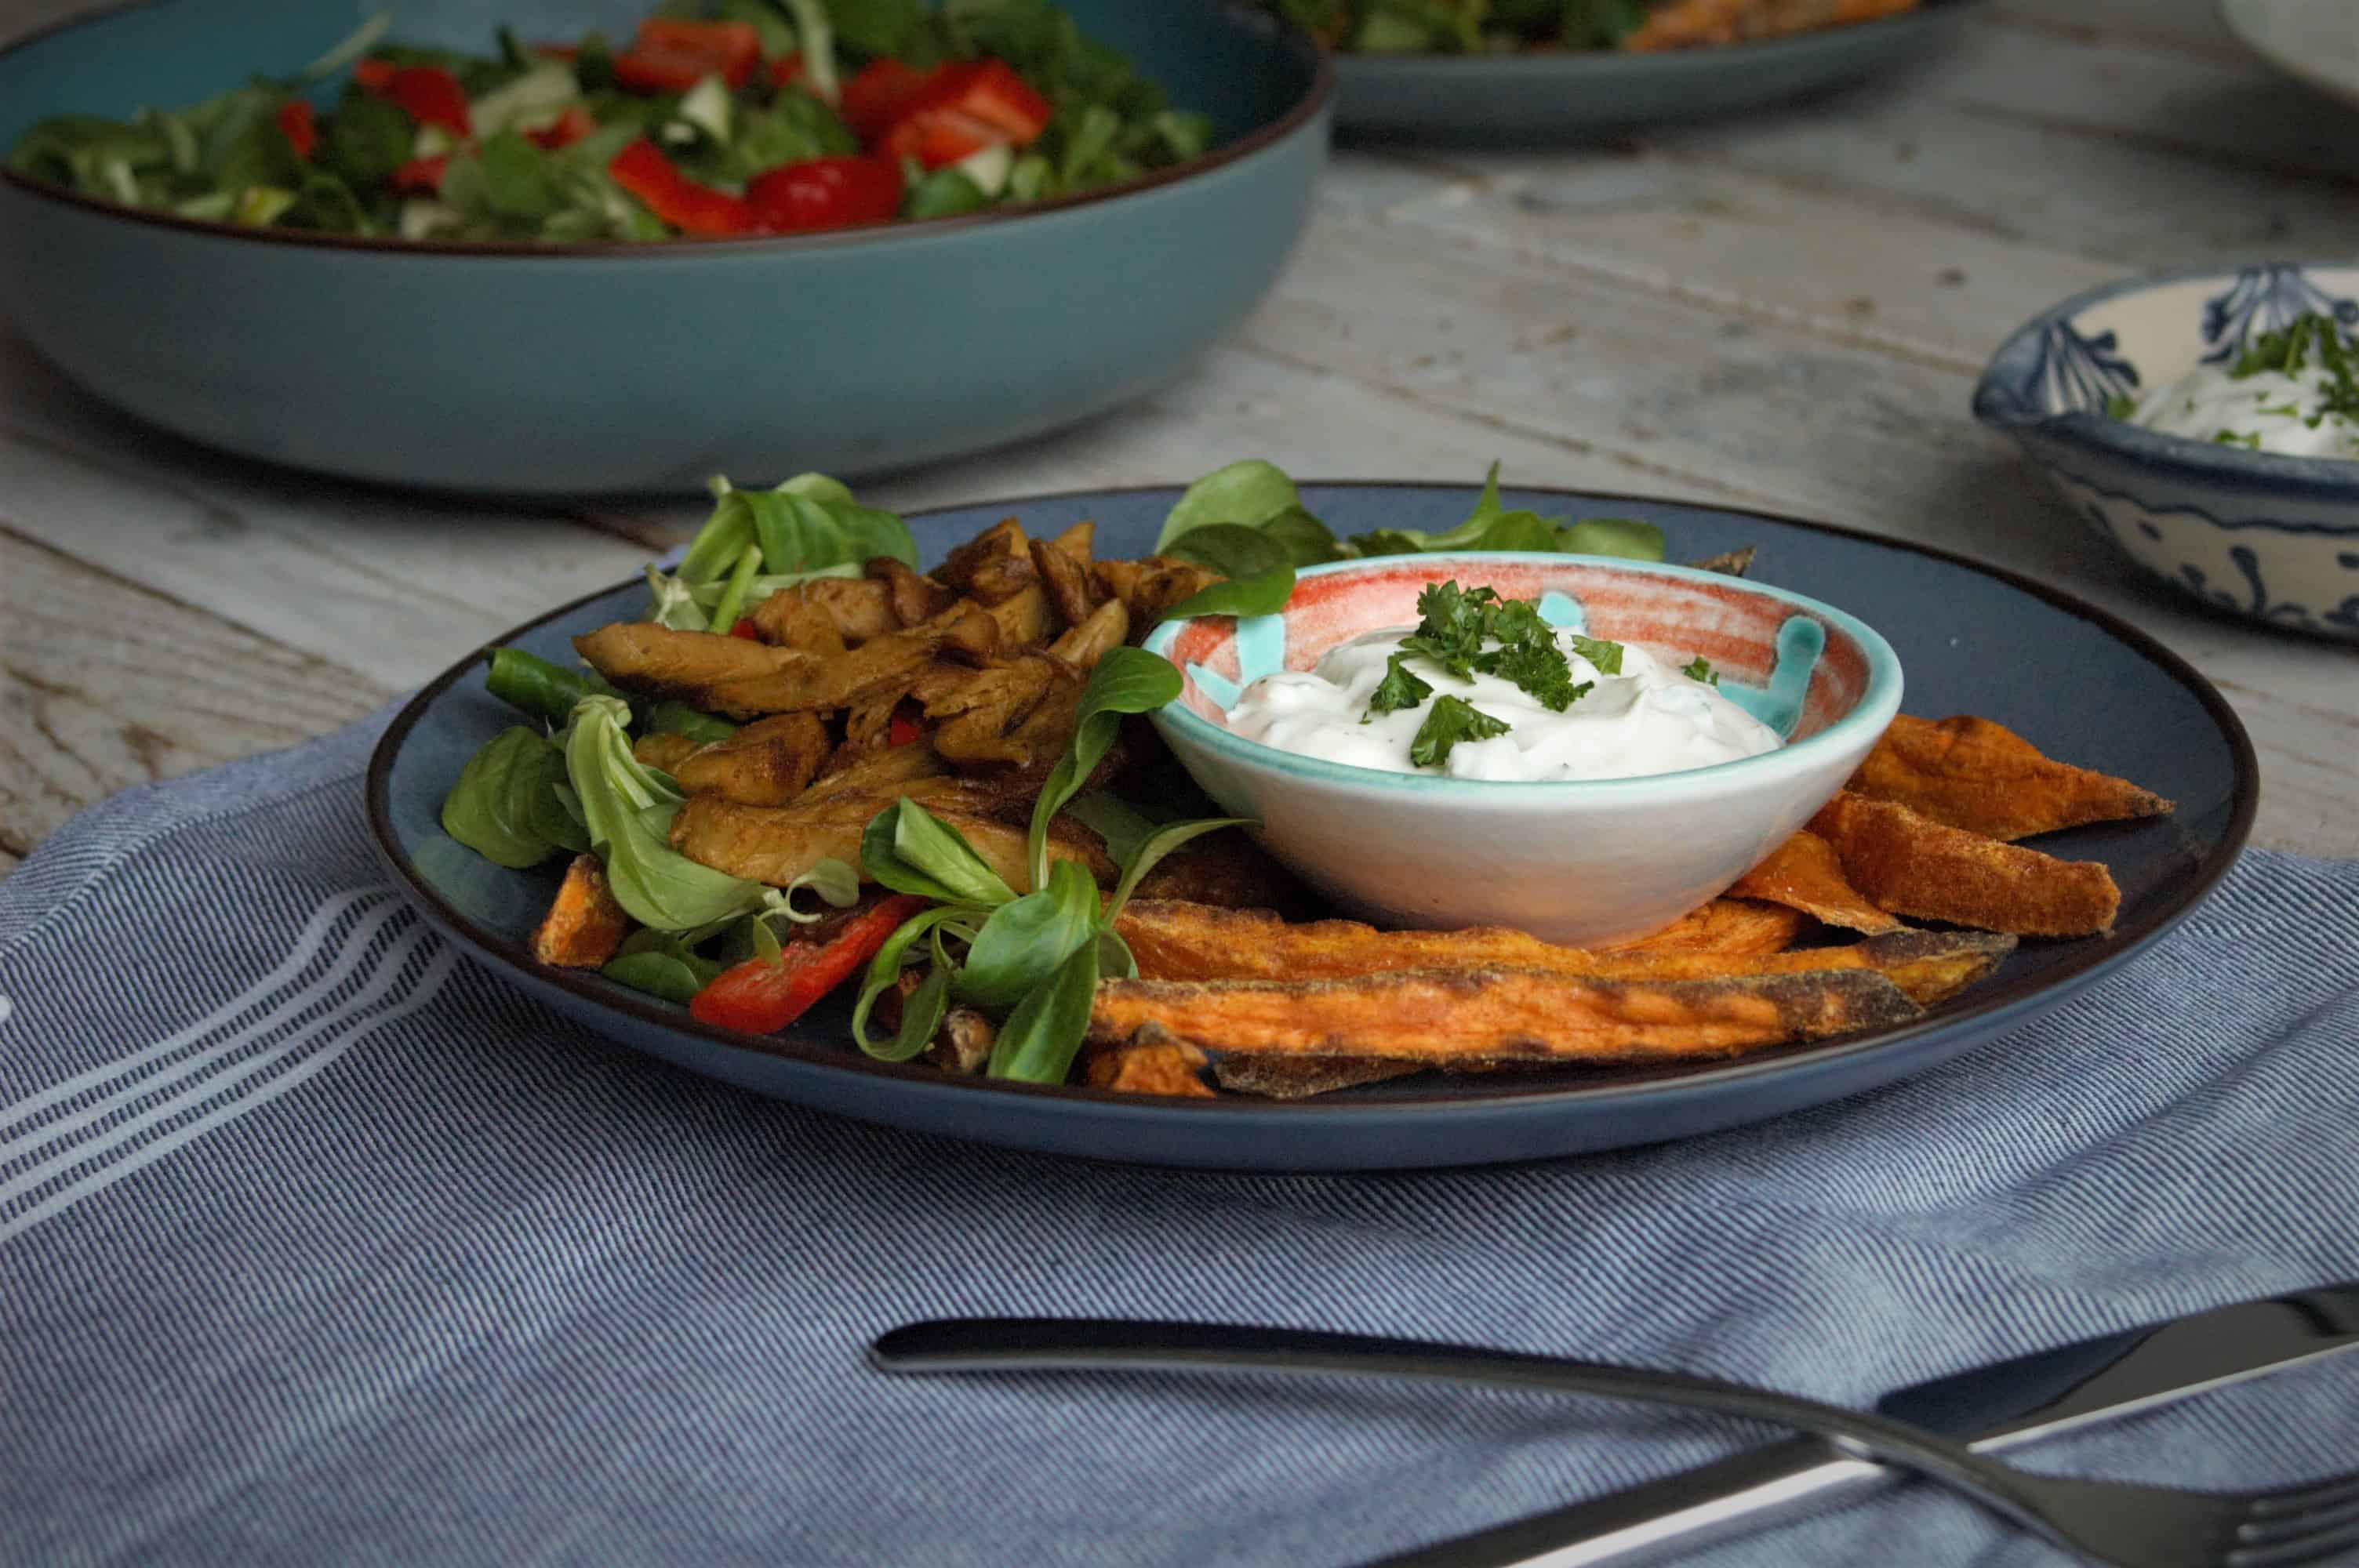 vegetarische kapsalon met knoflooksaus en frietjes